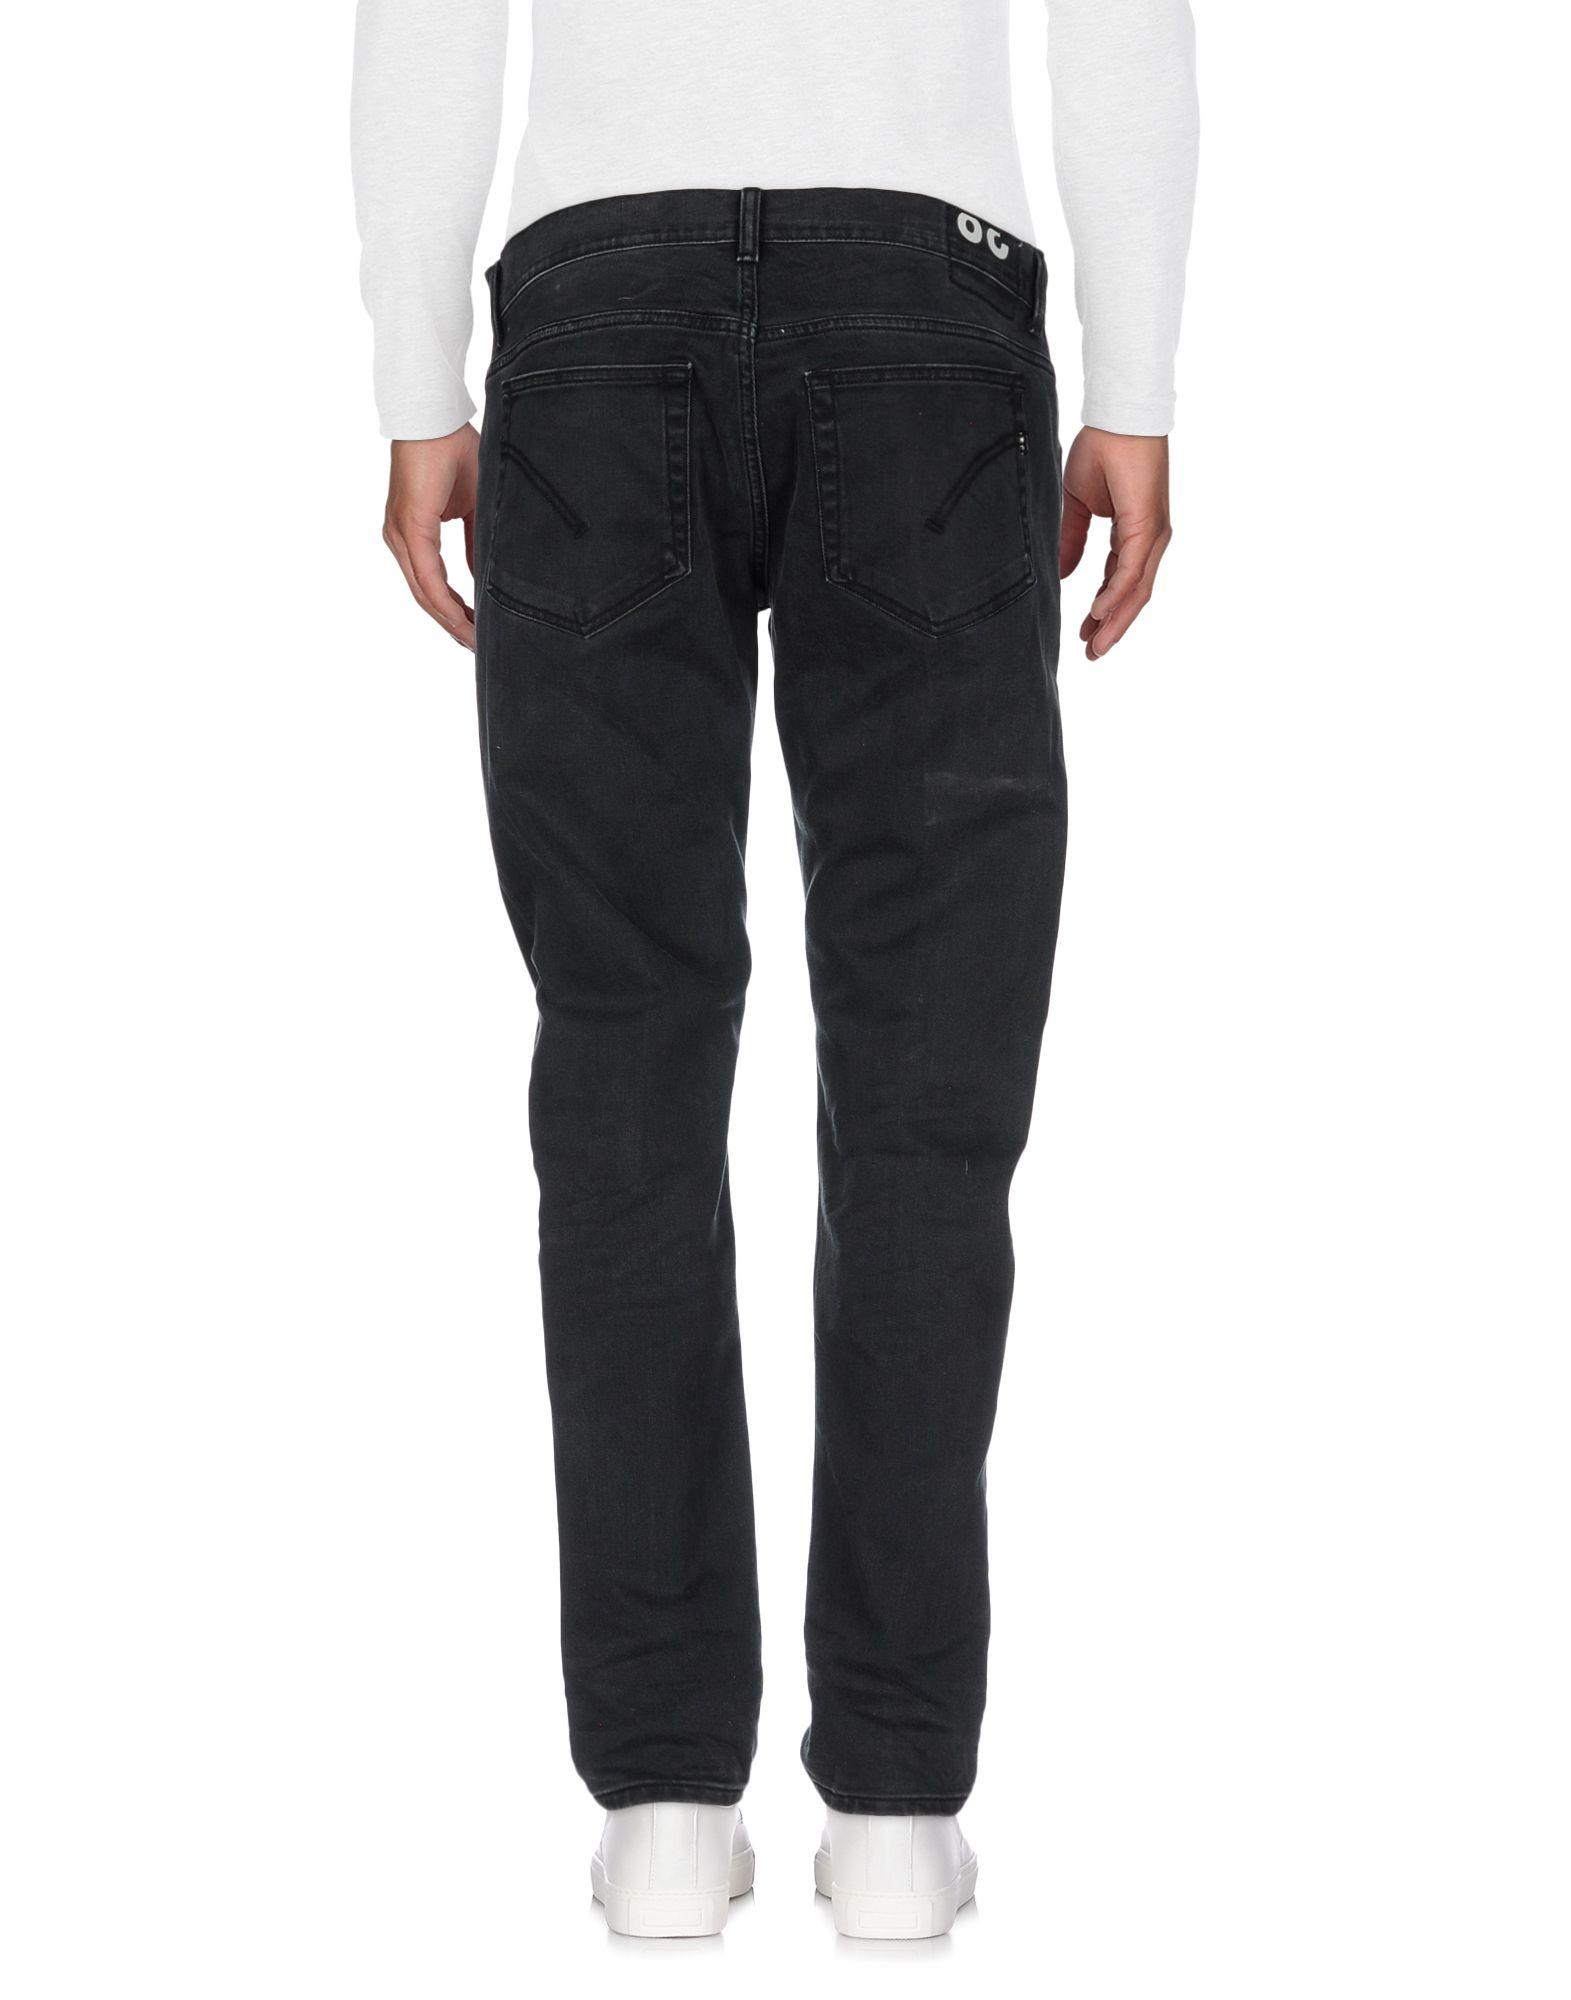 Pantaloni 42597361UV Jeans Dondup Uomo - 42597361UV Pantaloni 7fe46f